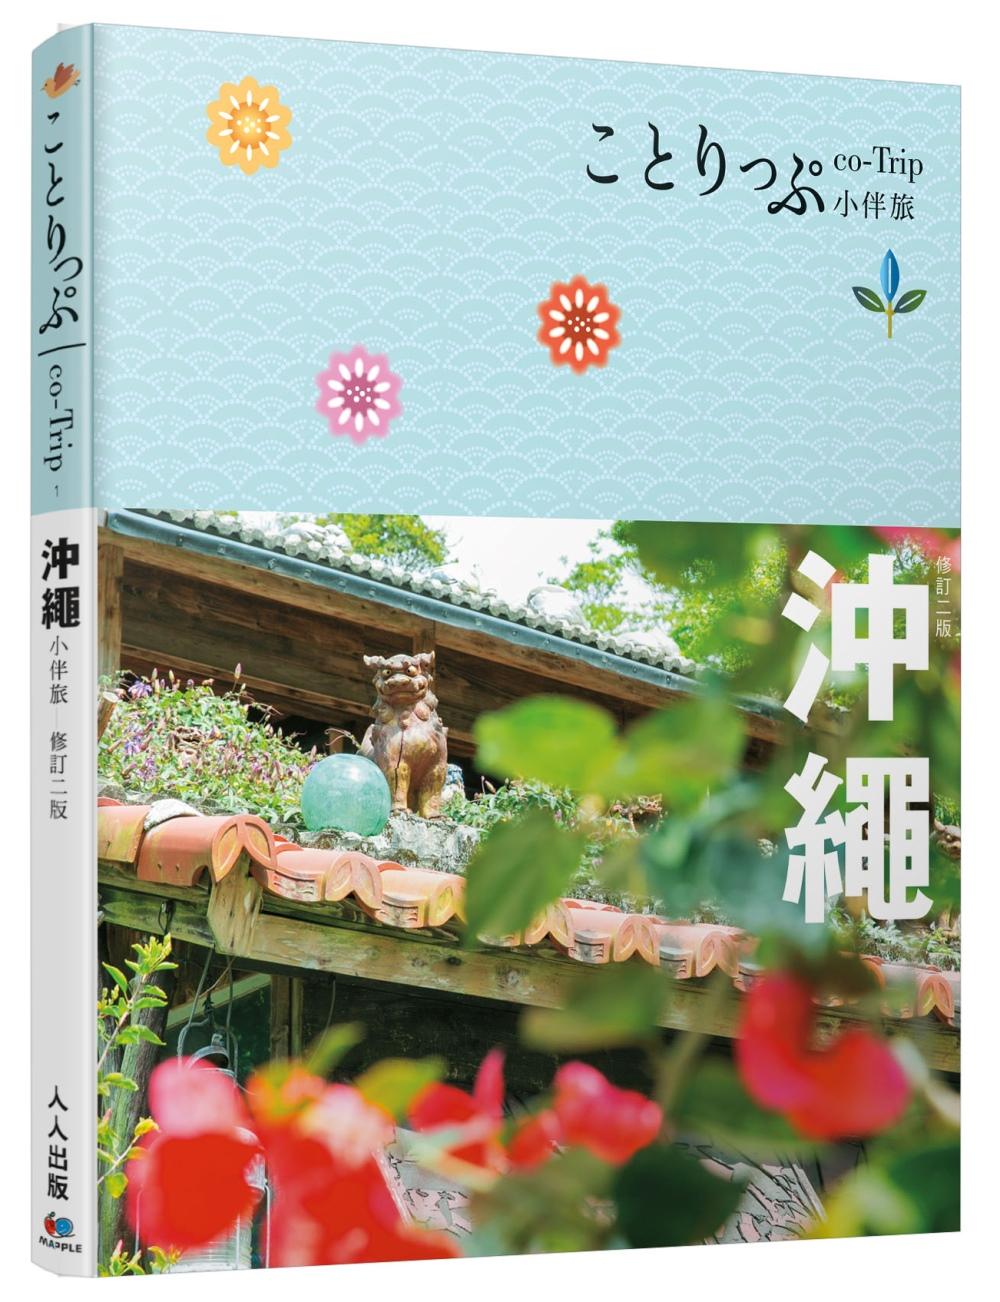 沖繩小伴旅(修訂二版):co-Trip日本系列1